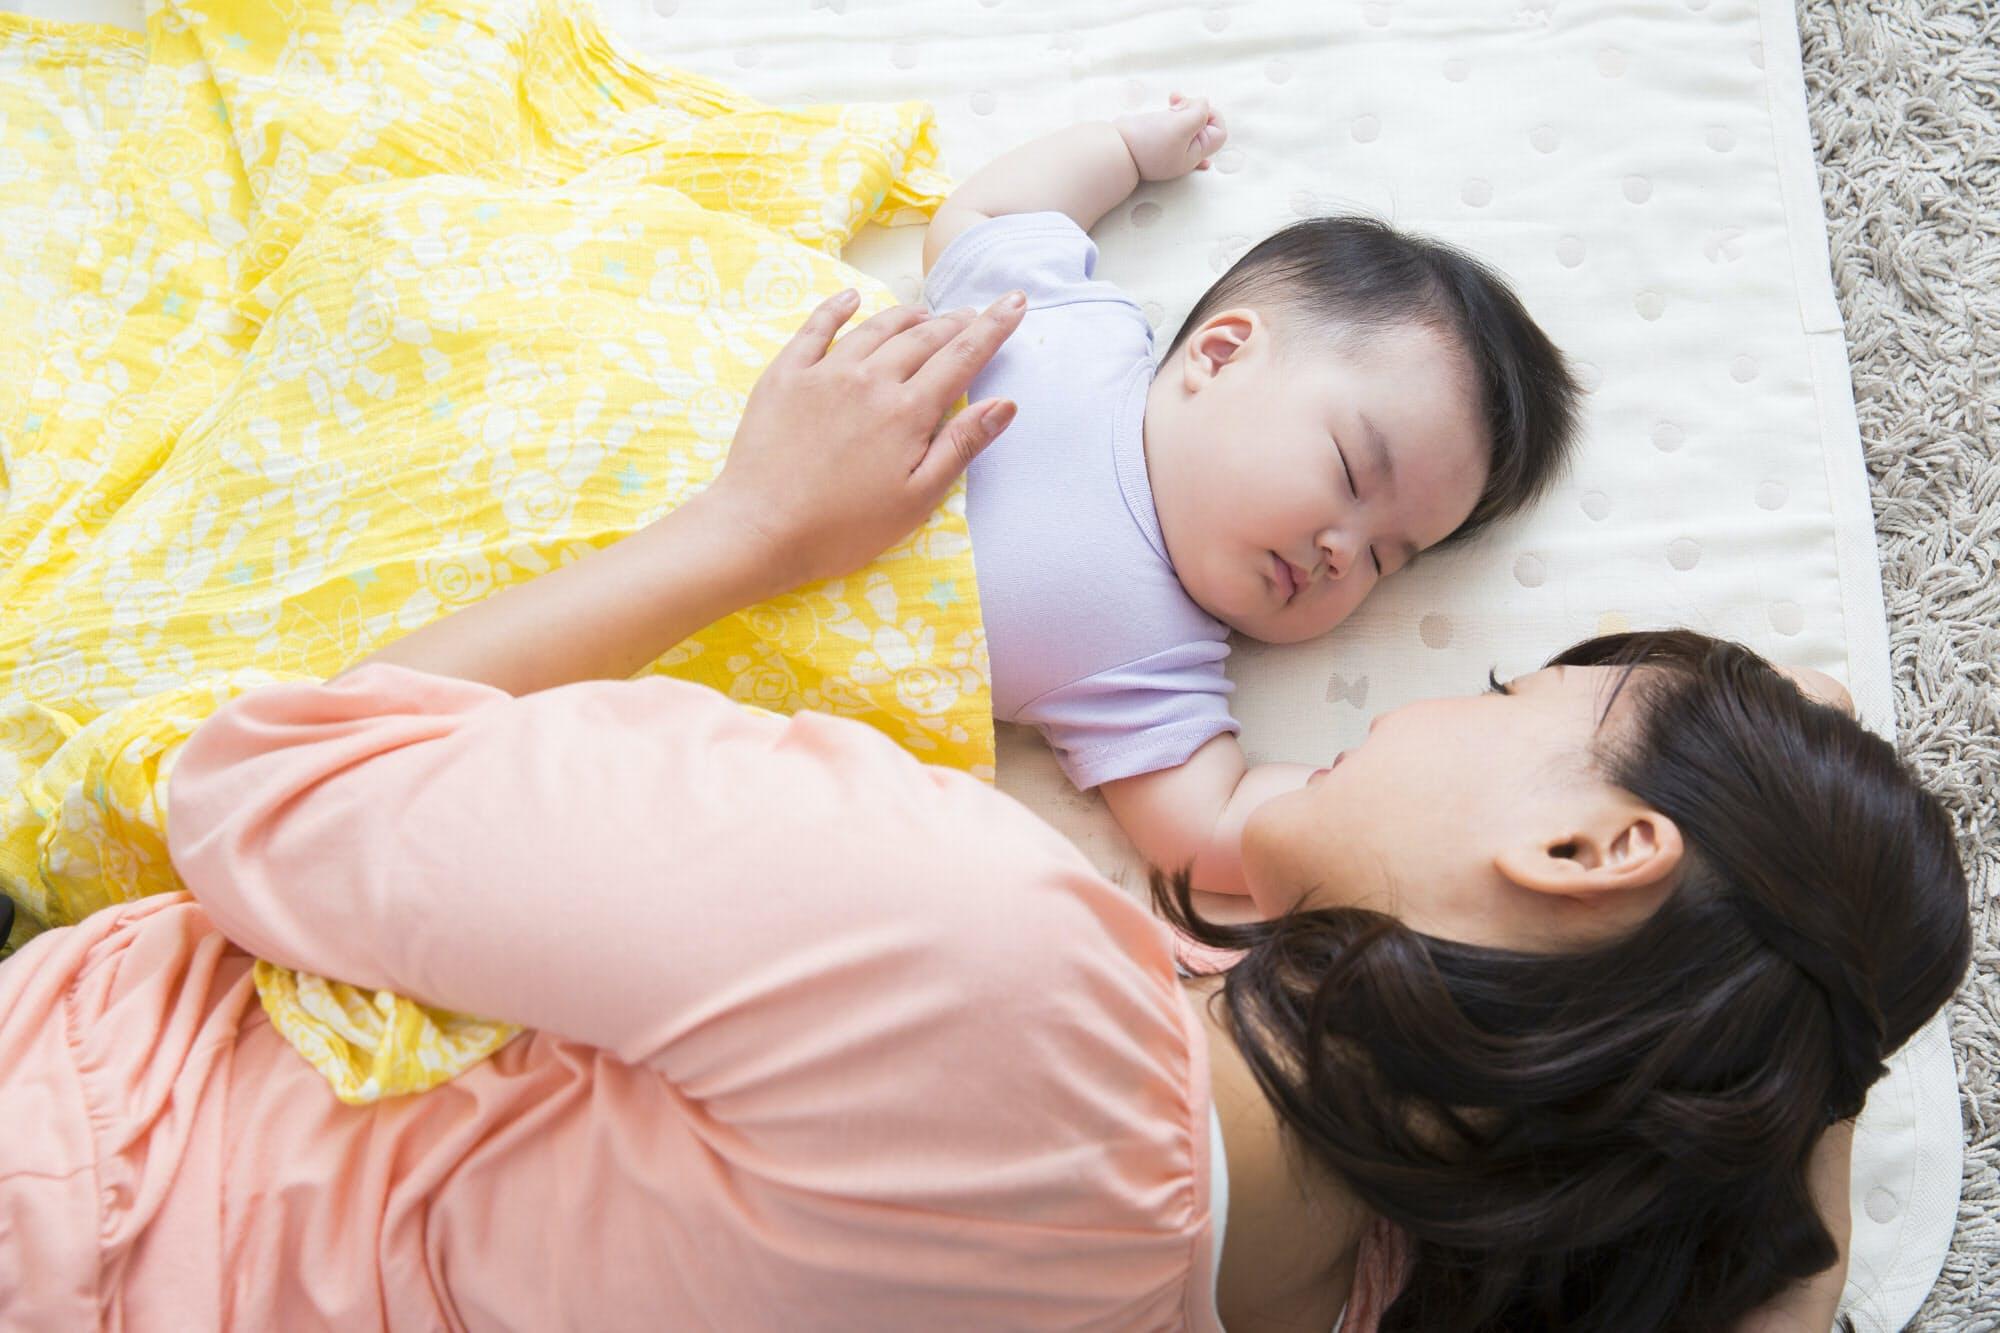 予防 接種 後 よく 寝る